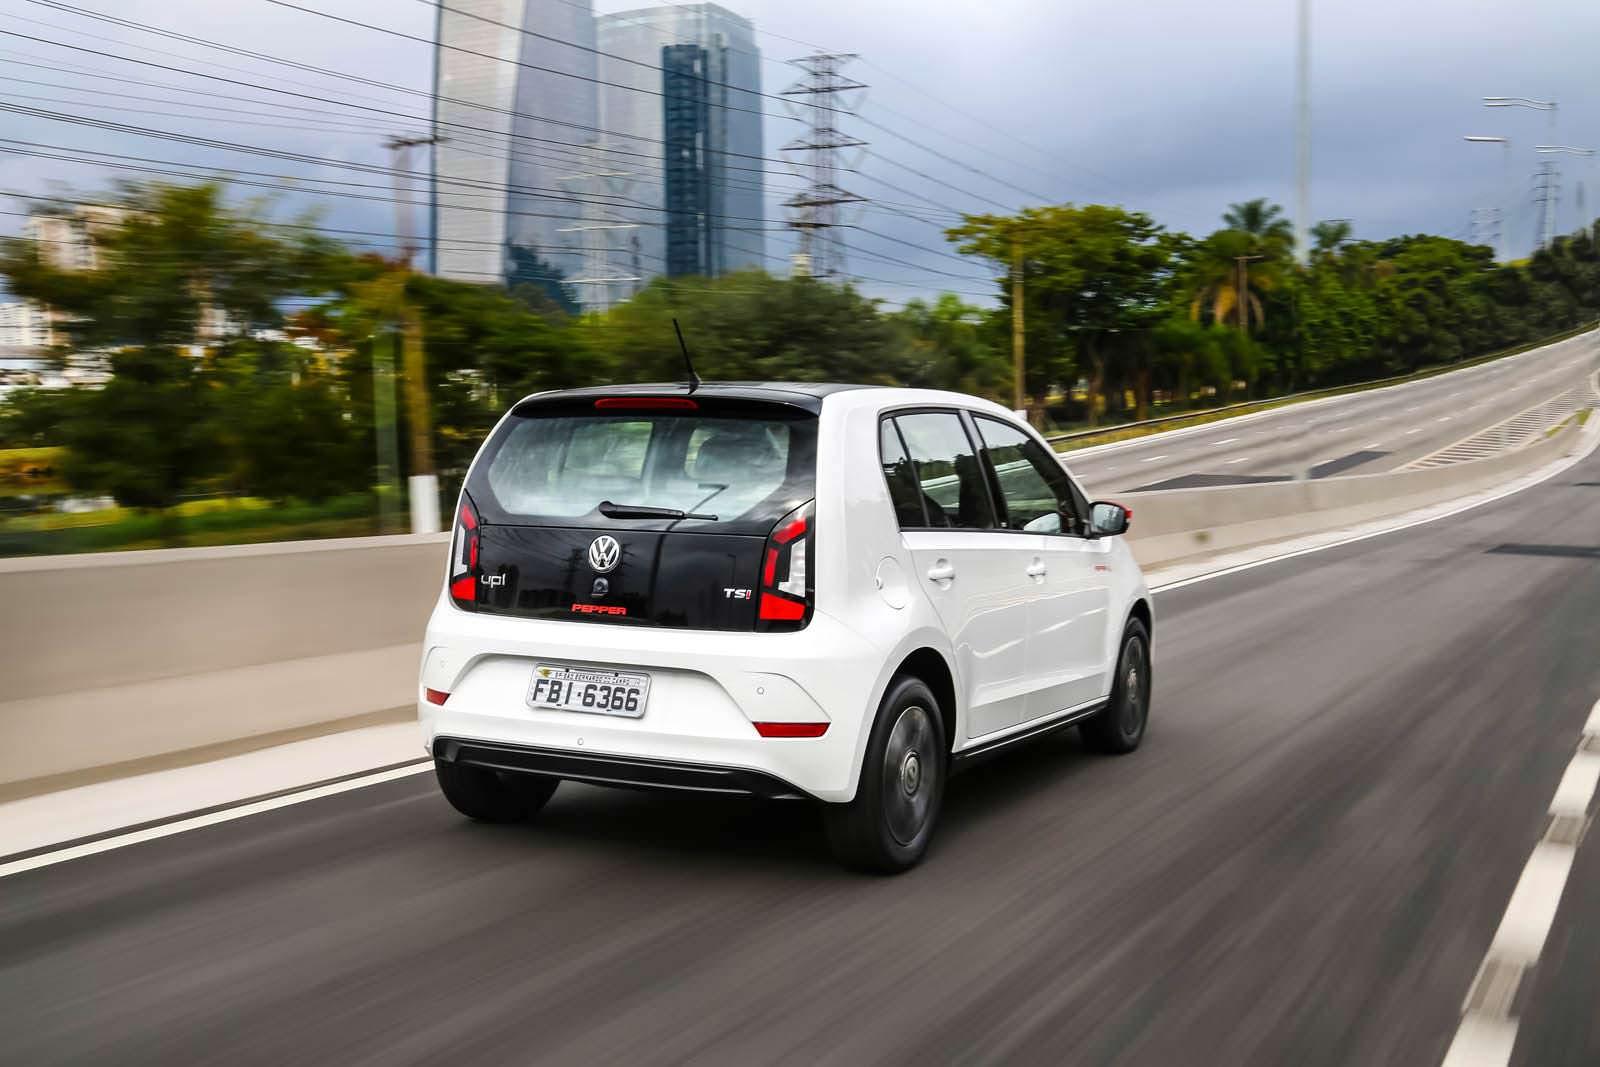 Volkswagen up! Pepper для Бразилии